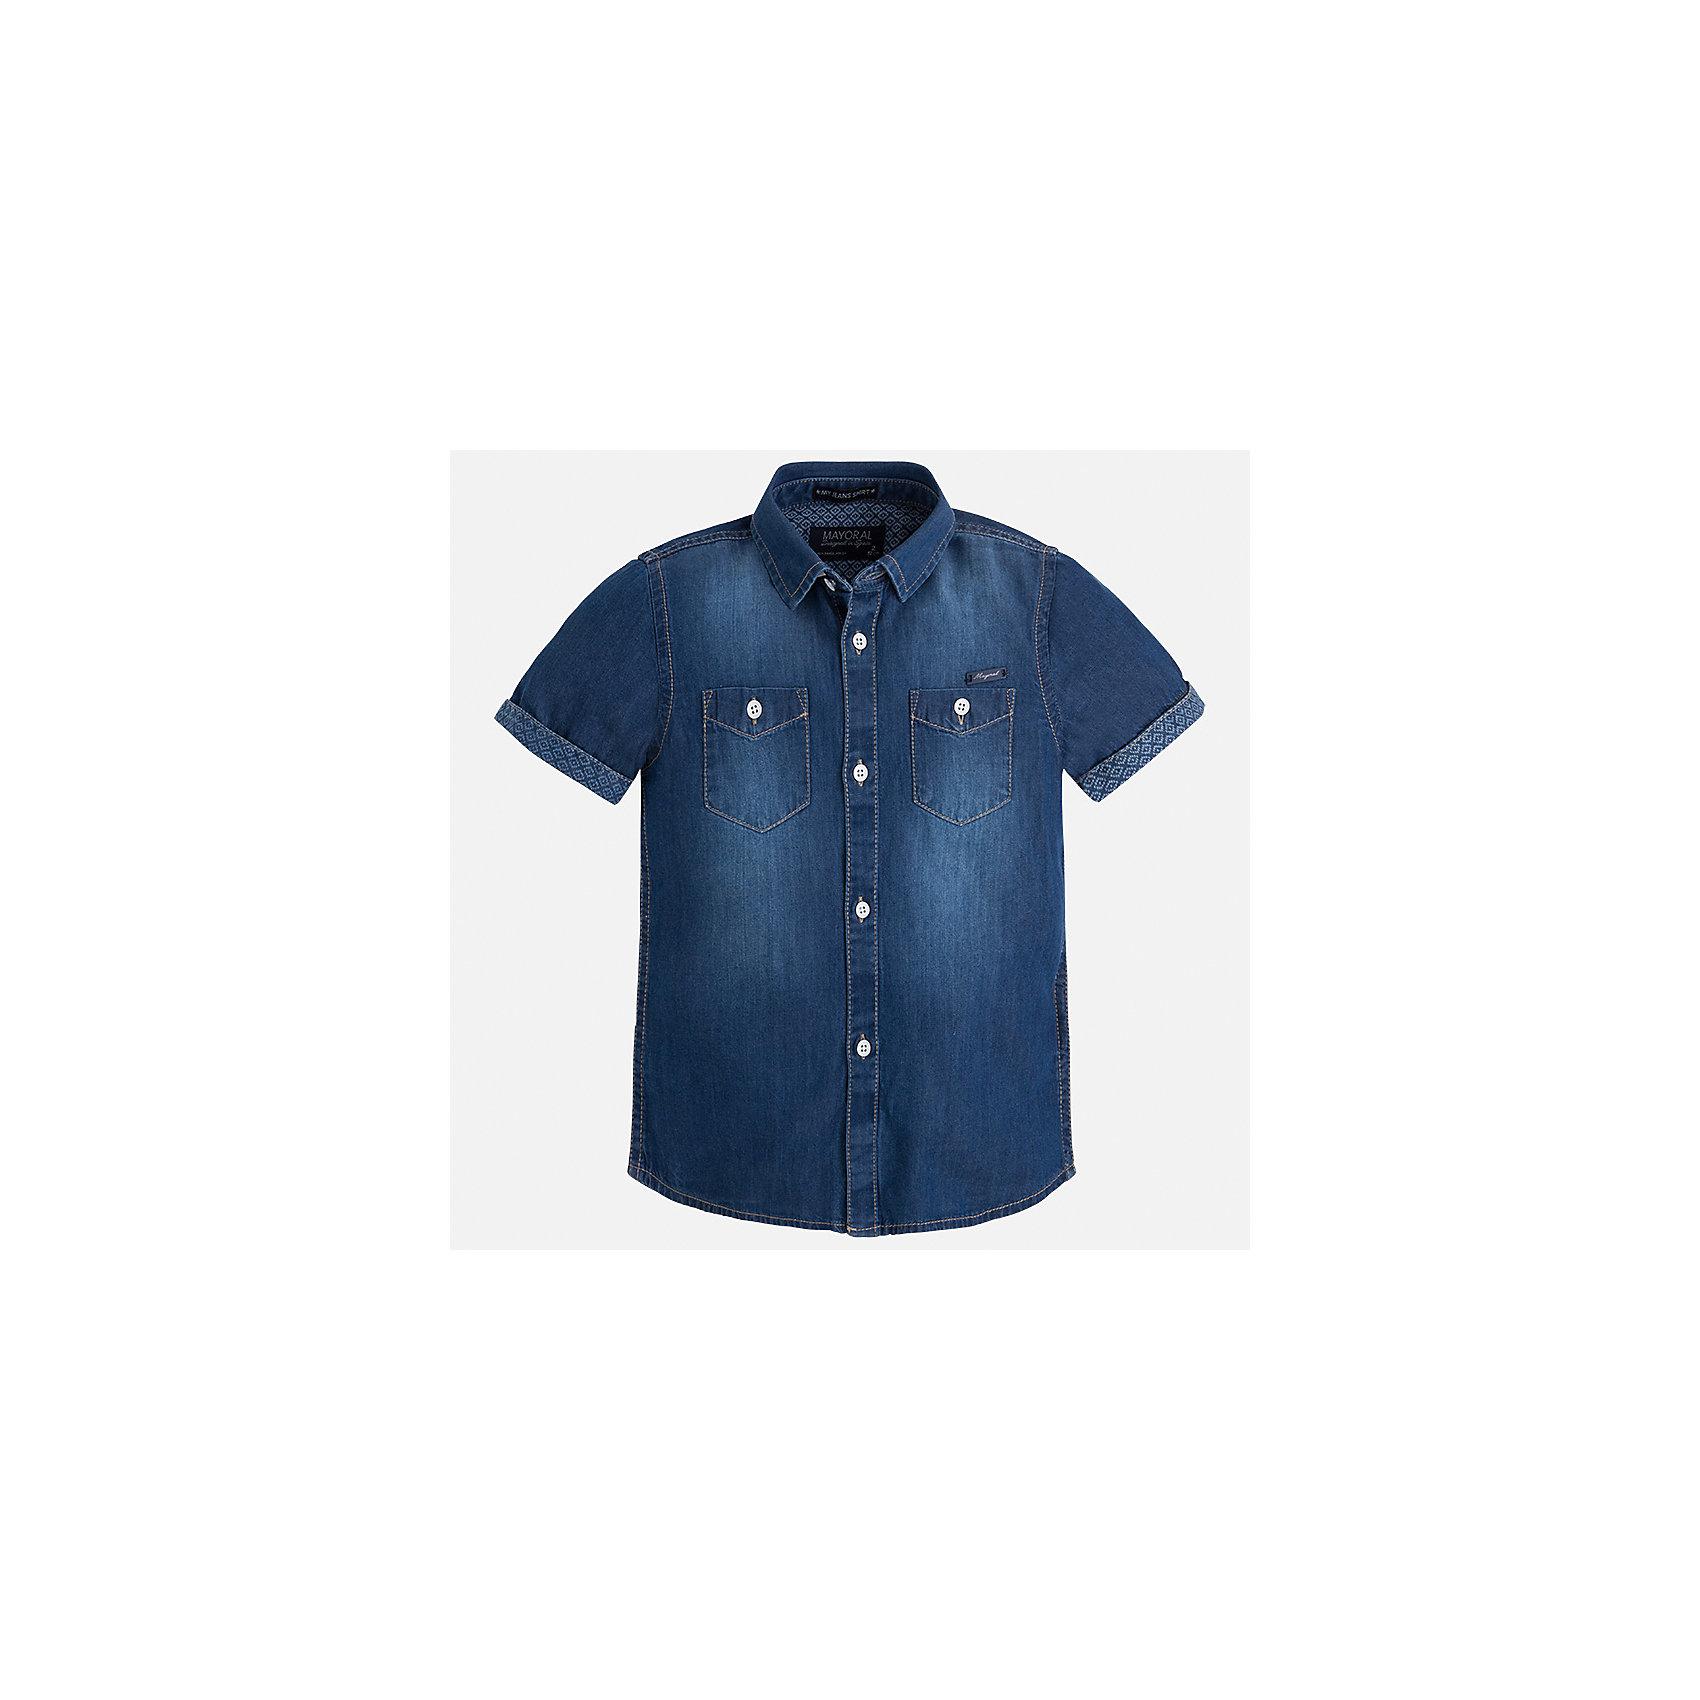 Рубашка джинсовая для мальчика Mayoral